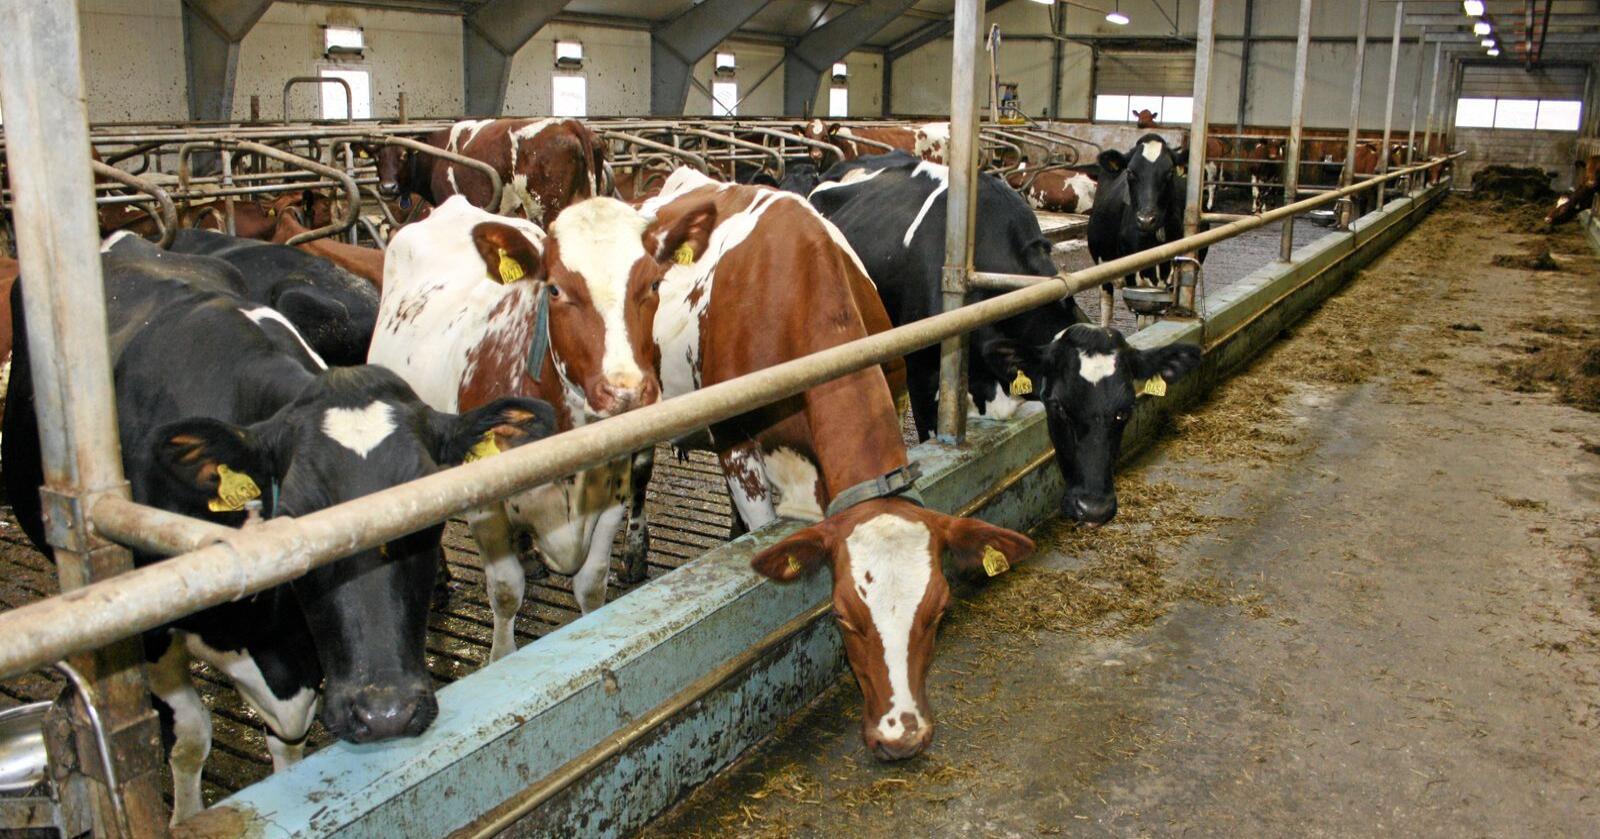 Kvotestrid: Prisen og reglane knytt til mjølkekvotar har skapt debatt her i landet siste åra. Bondelaget kjem nå med ei liste over tiltak. Foto: Bjarne Bekkeheien Aase